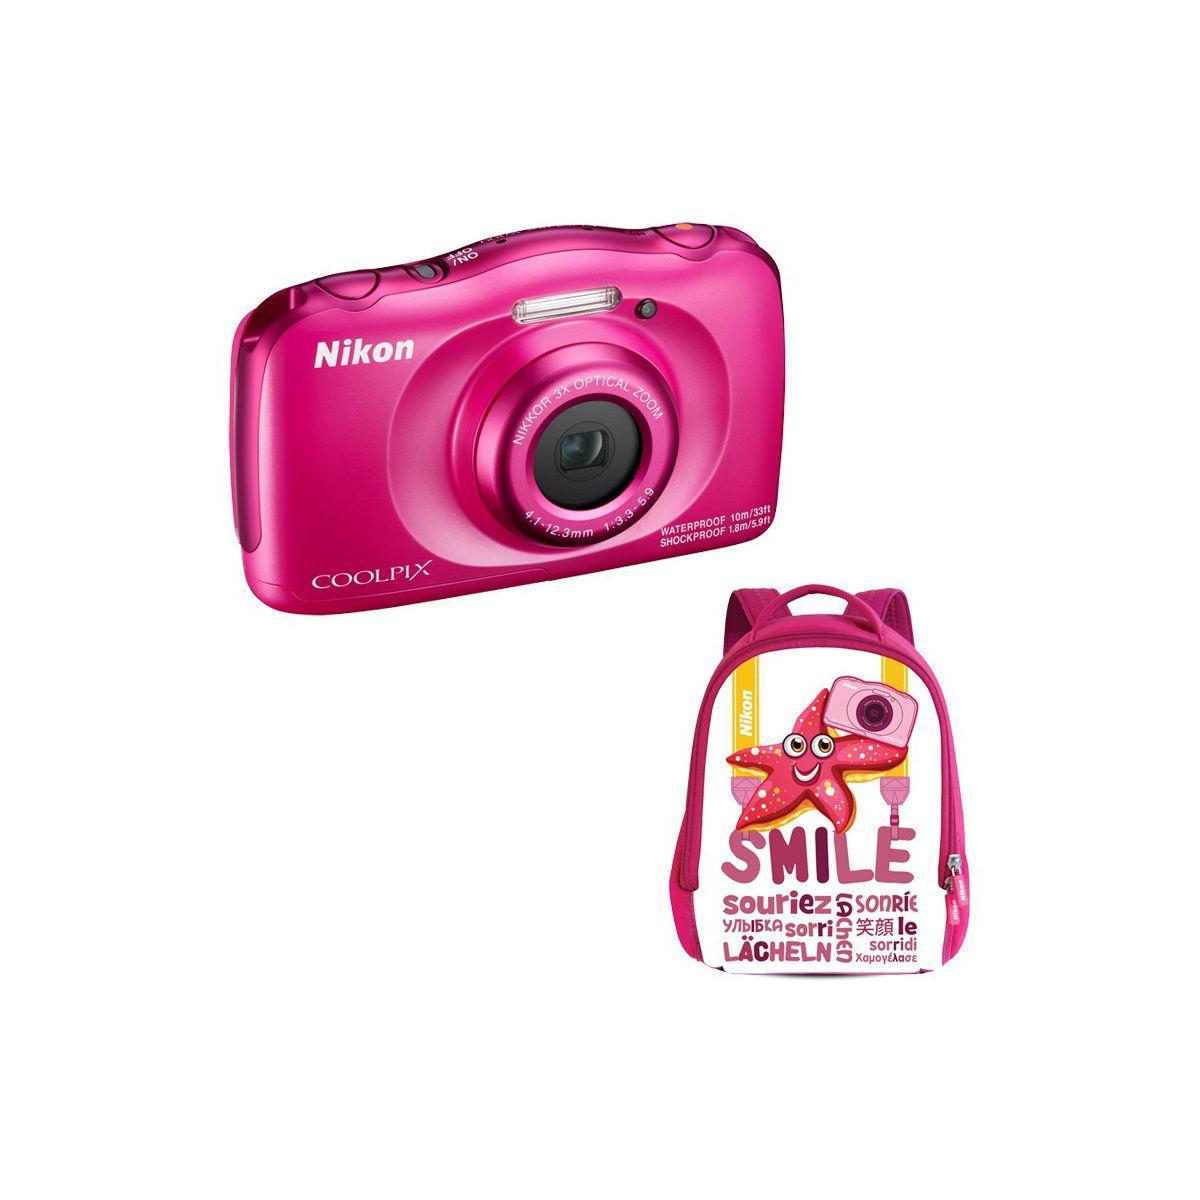 Appareil photo compact nikon coolpix w100 rose + sac � dos - 10% de remise imm�diate avec le code : school10 (photo)